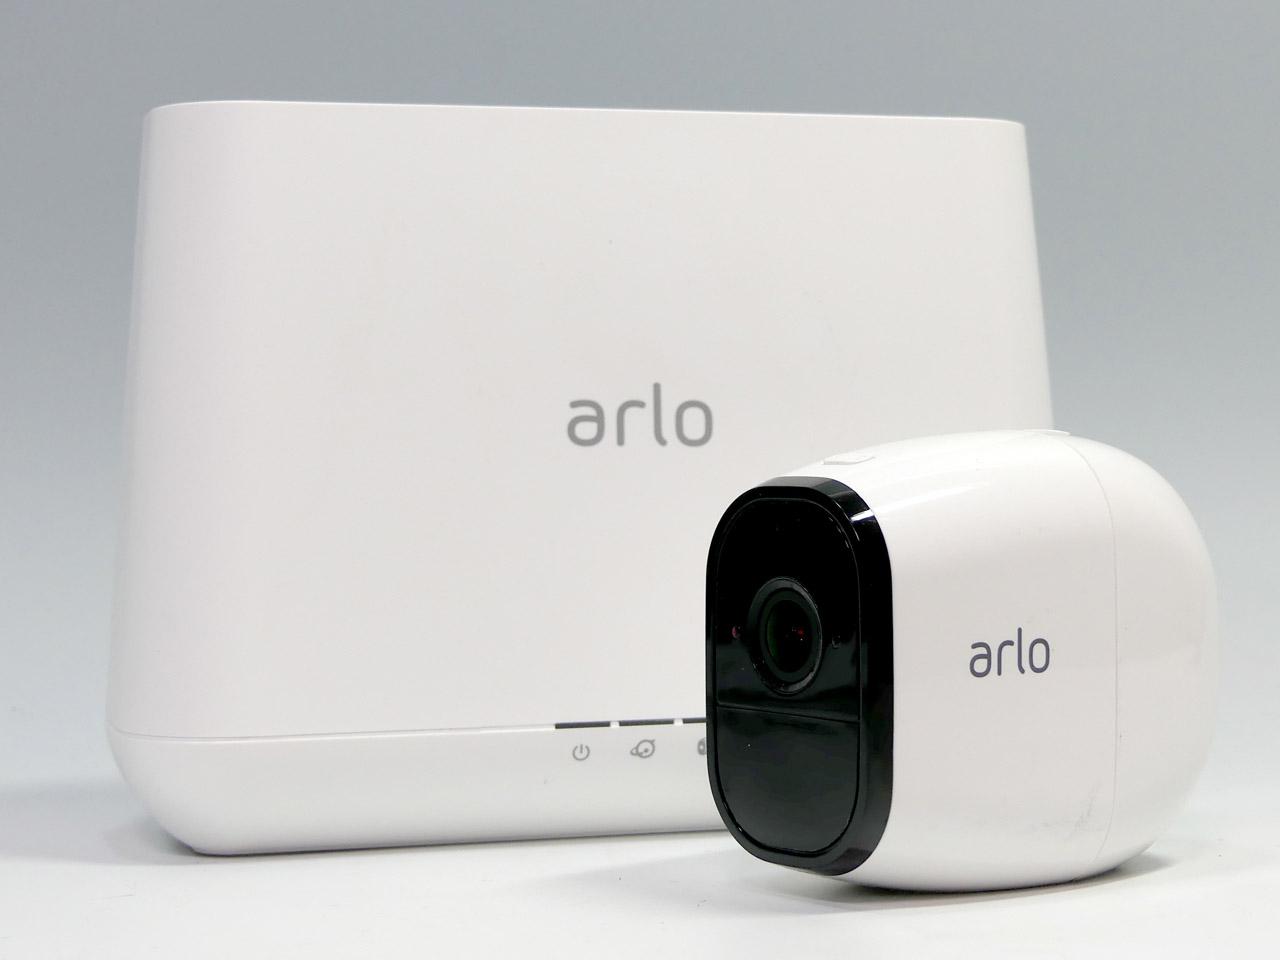 完全ワイヤレスを実現した世界初のネットワークカメラ「Arlo」の上位モデル「Arlo Pro」